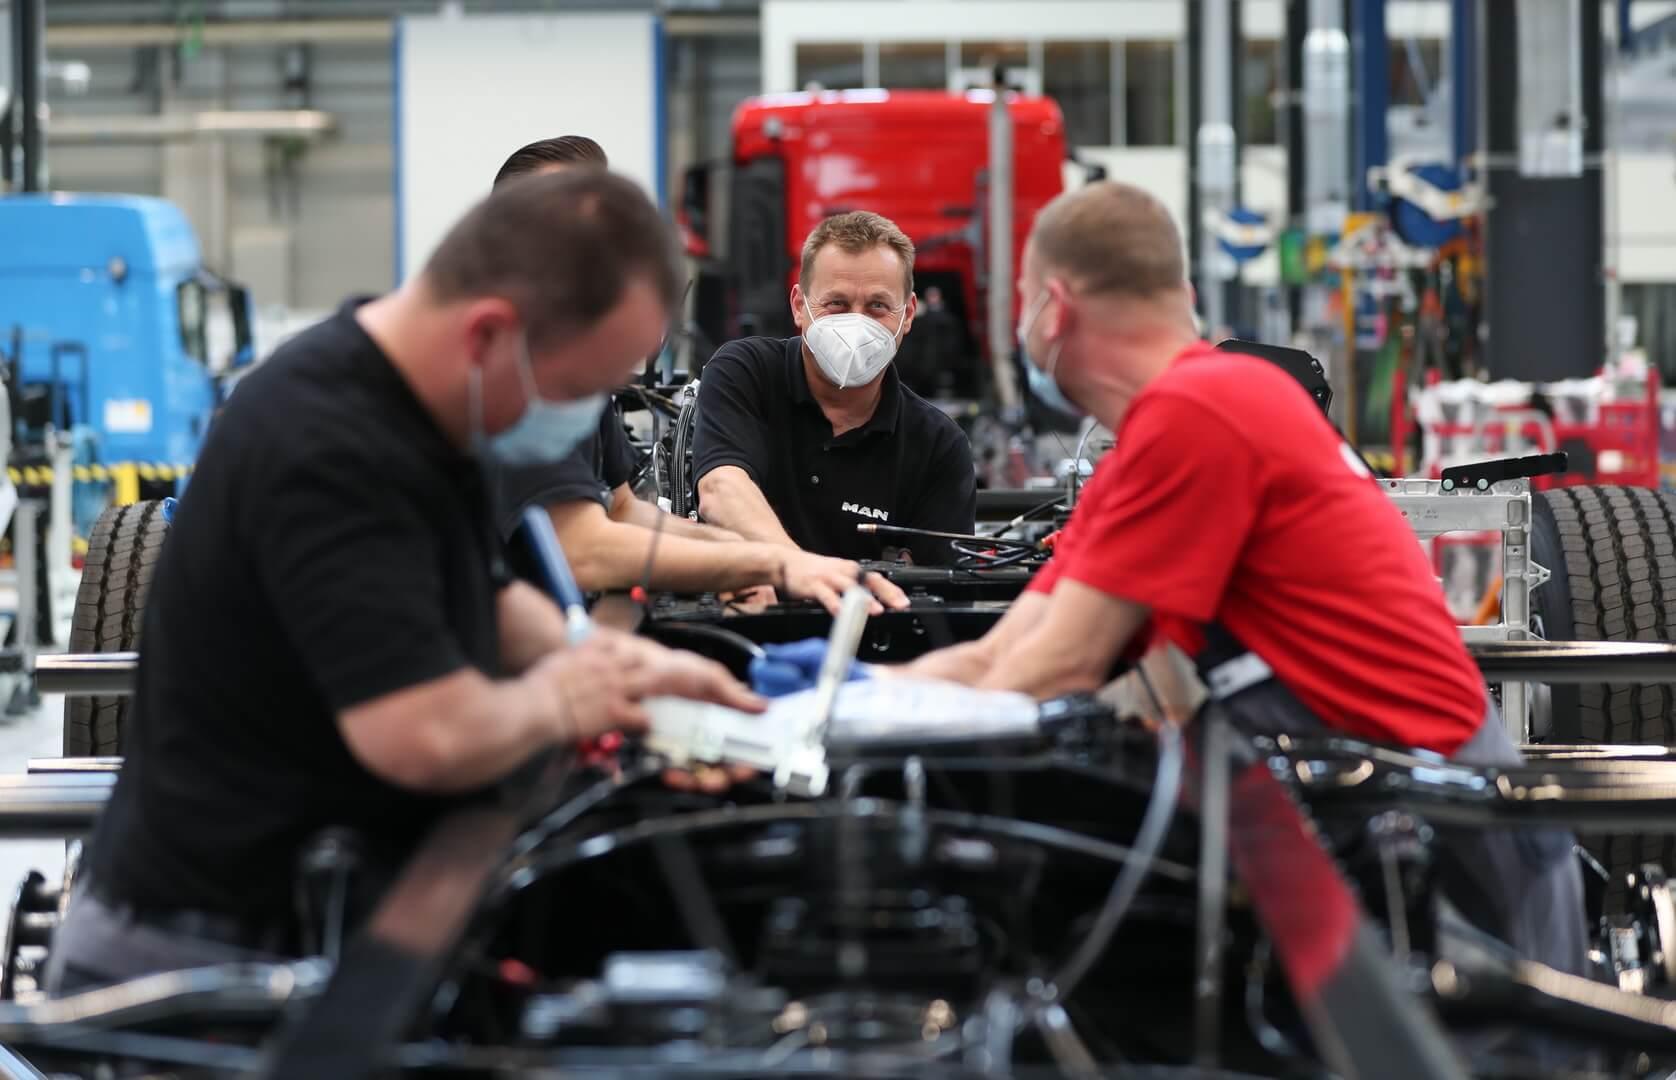 К концу 2023 года рабочие должны иметь соответствующую квалификацию для серийного производства электрических грузовиков  в Мюнхене